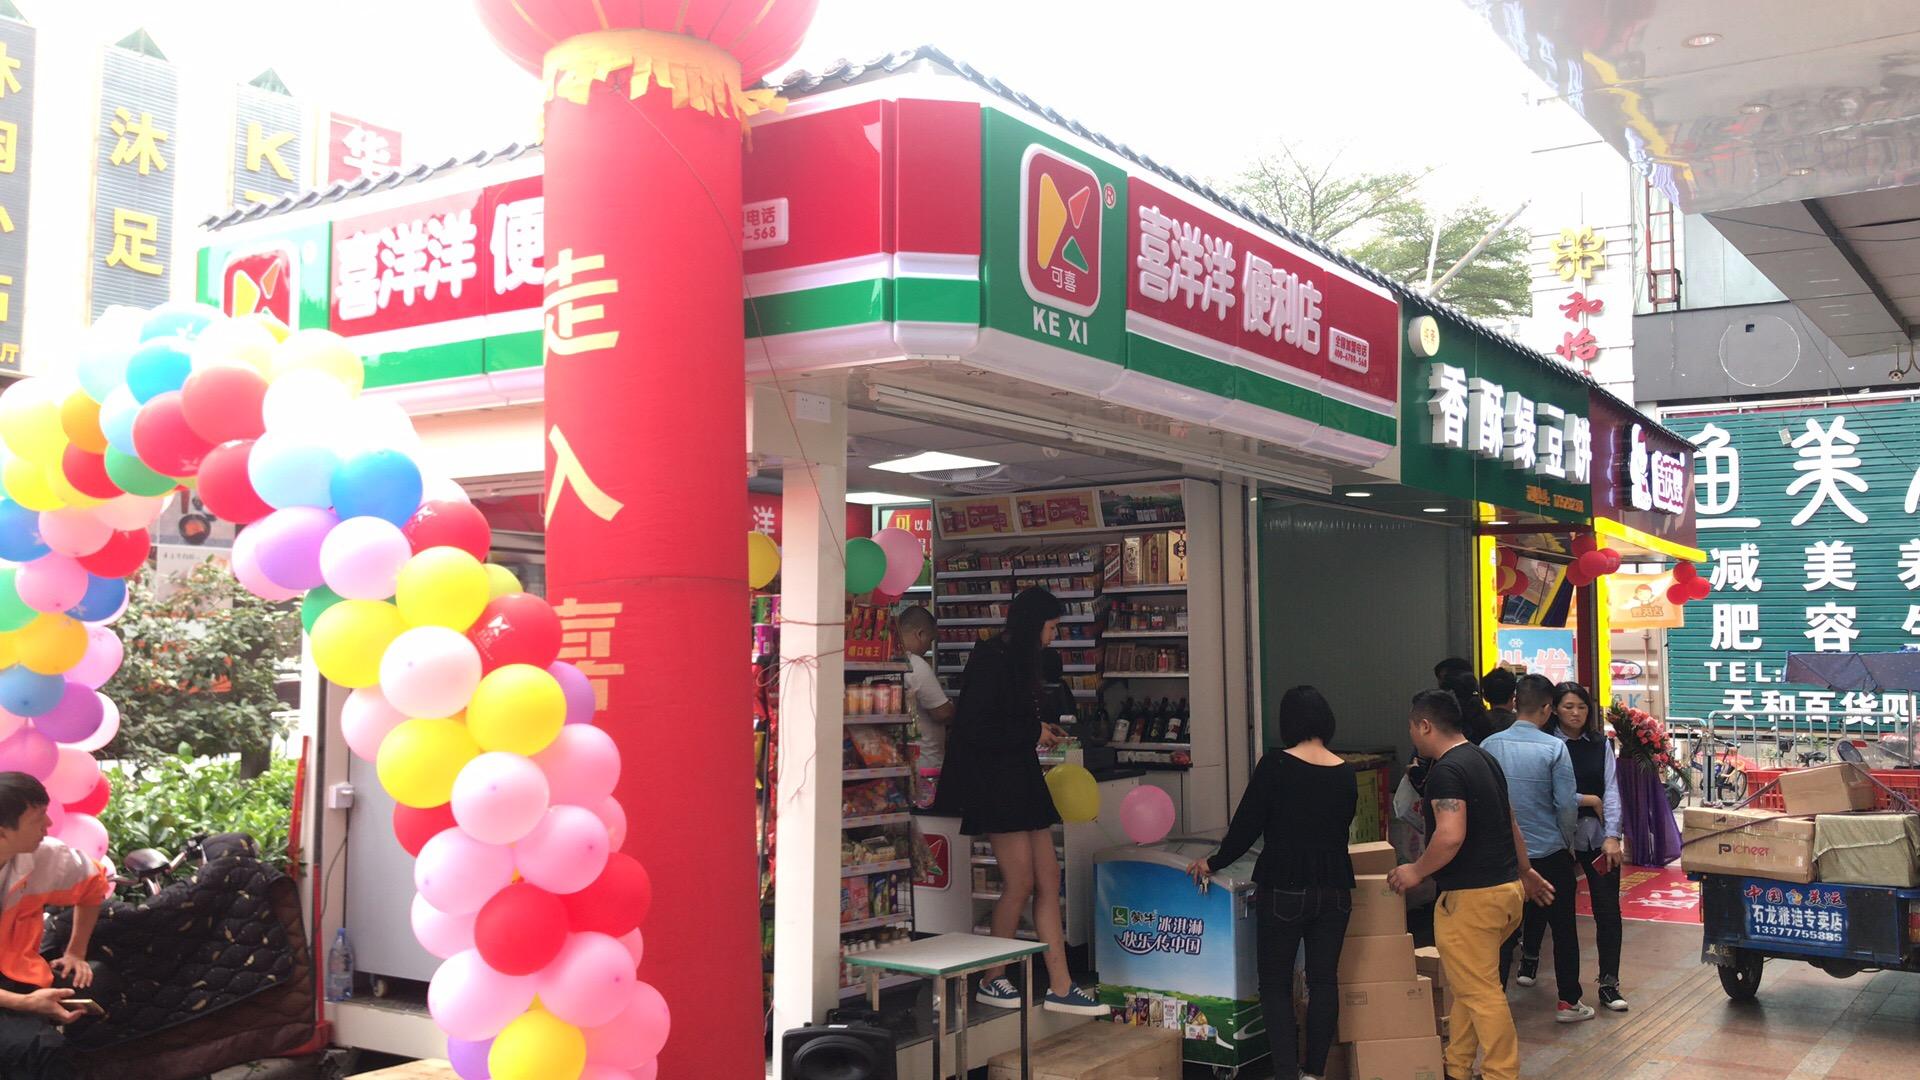 喜洋洋便利店全体同仁热烈庆祝石龙亲情分店3月2日火爆开业